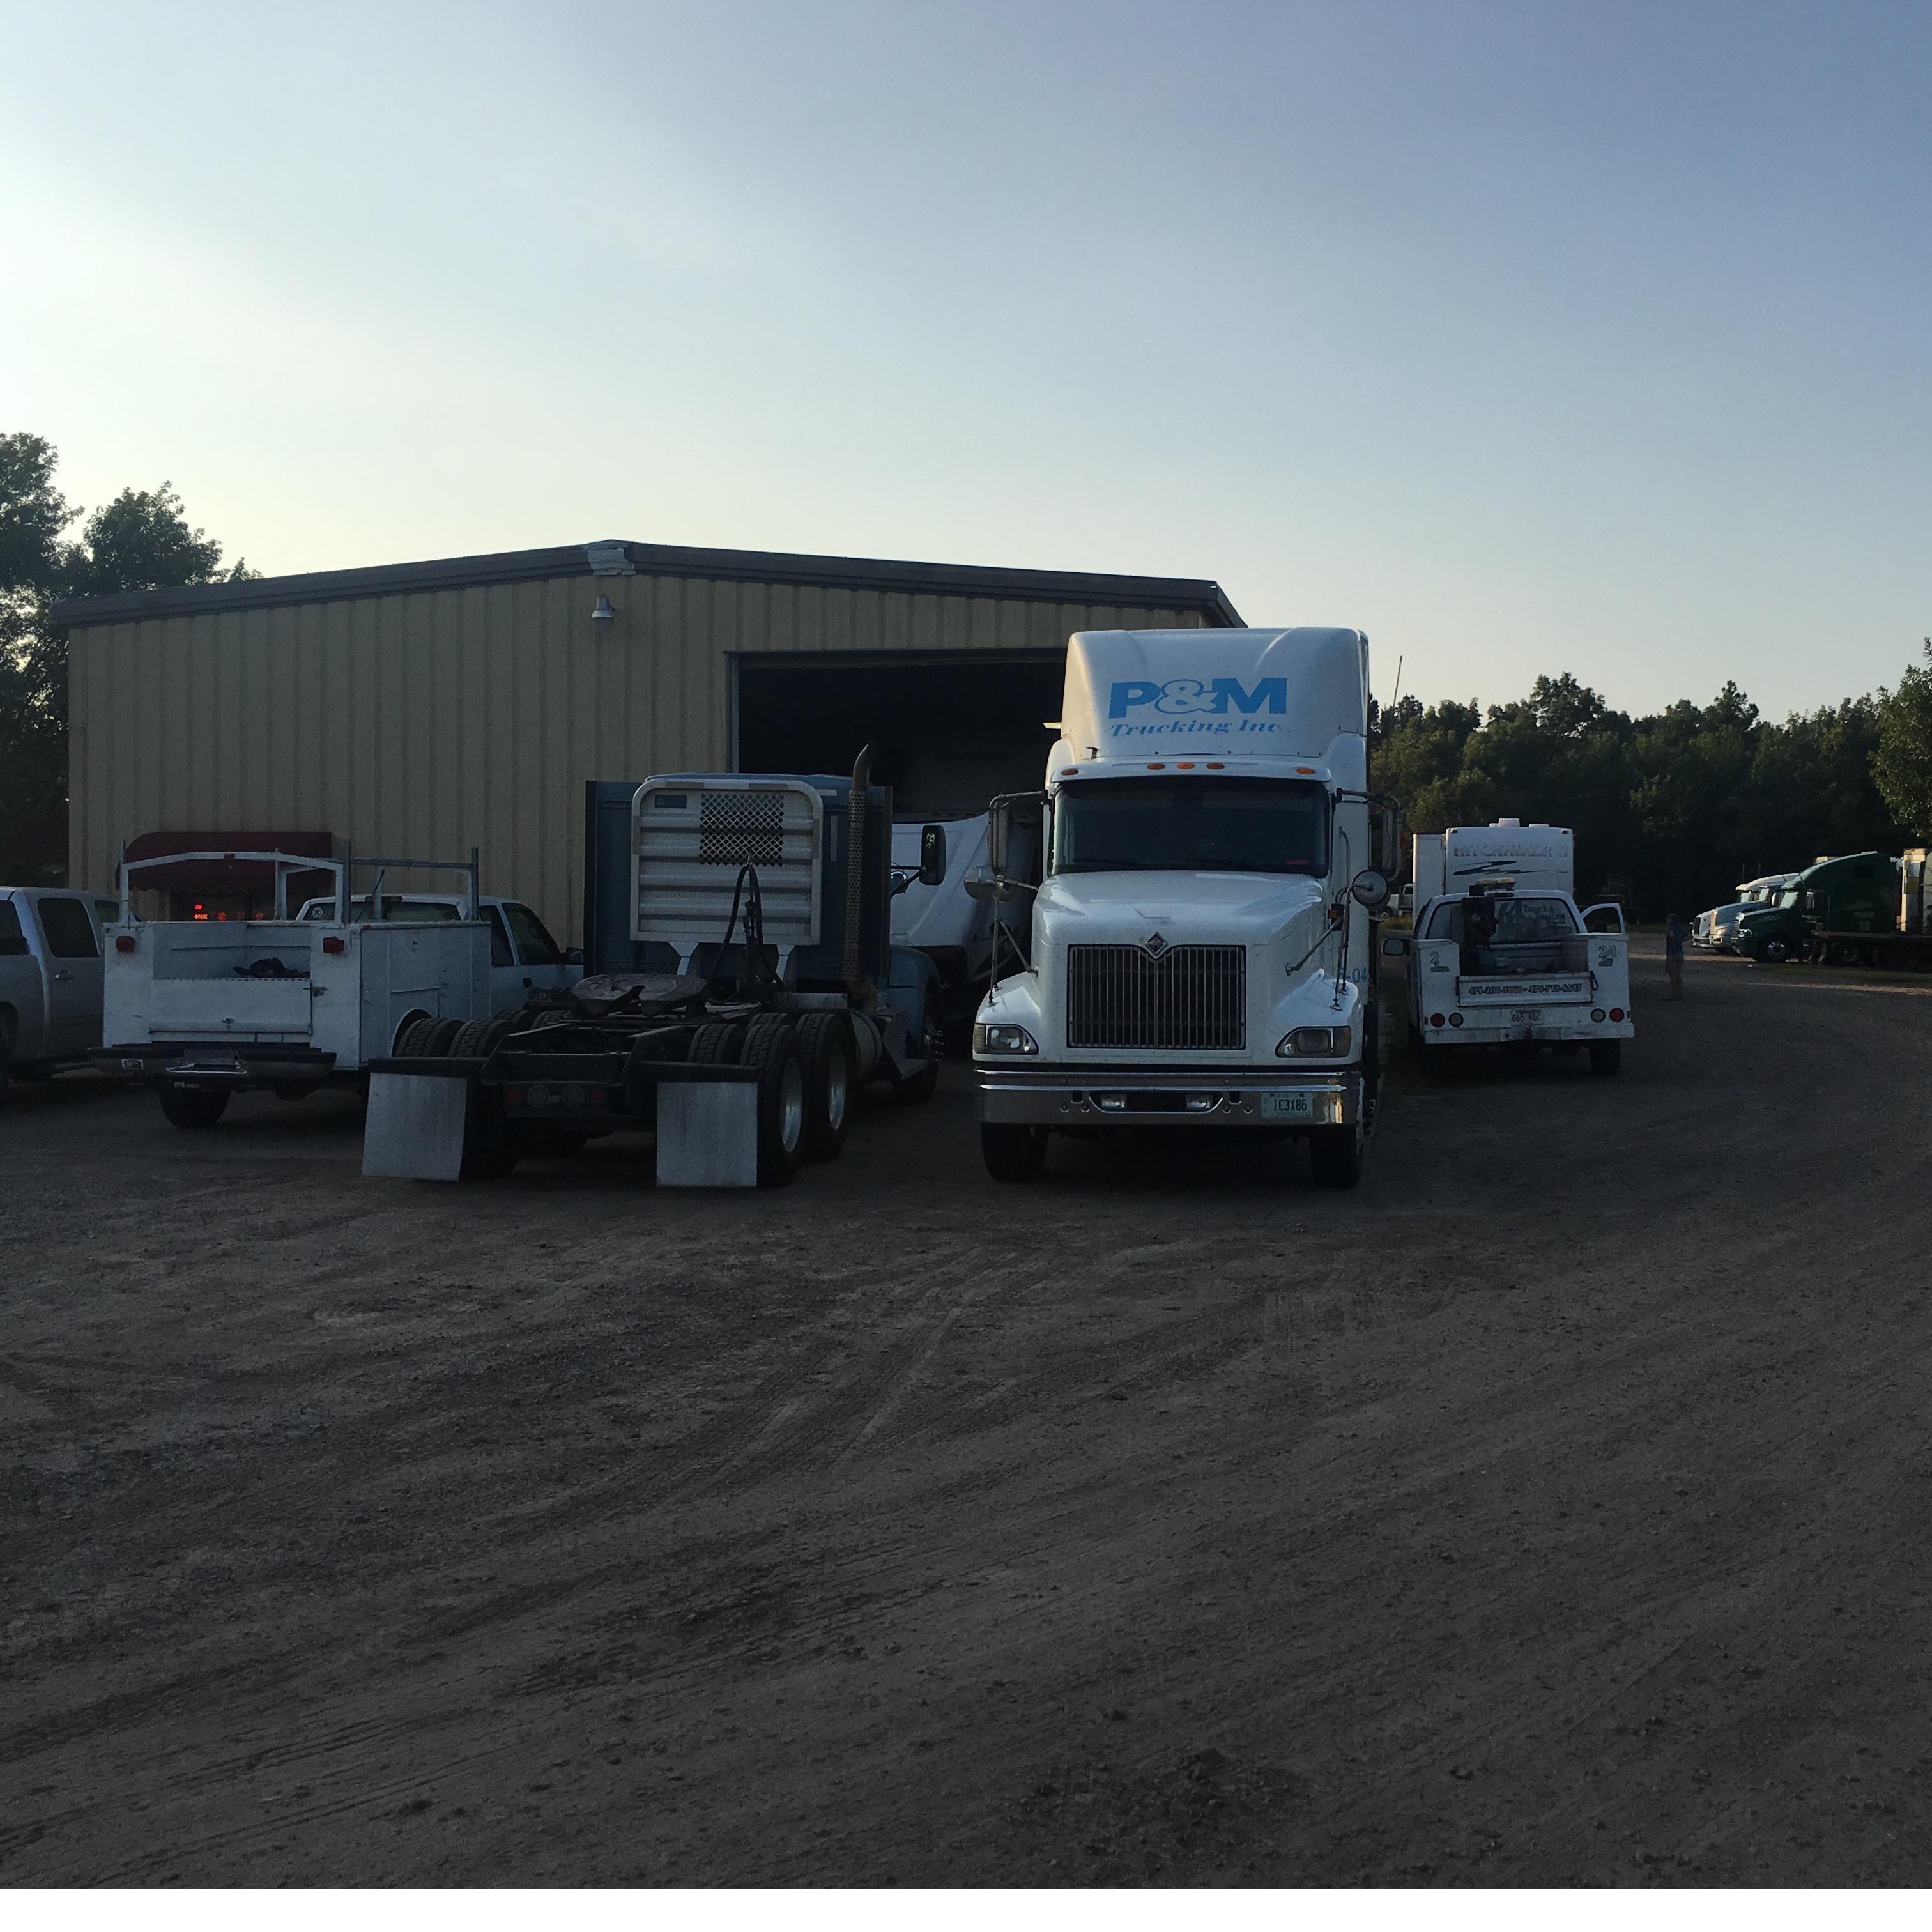 National City Car Wash Coupons: Highway 64 Truck & Trailer Repair Coupons Near Me In Van